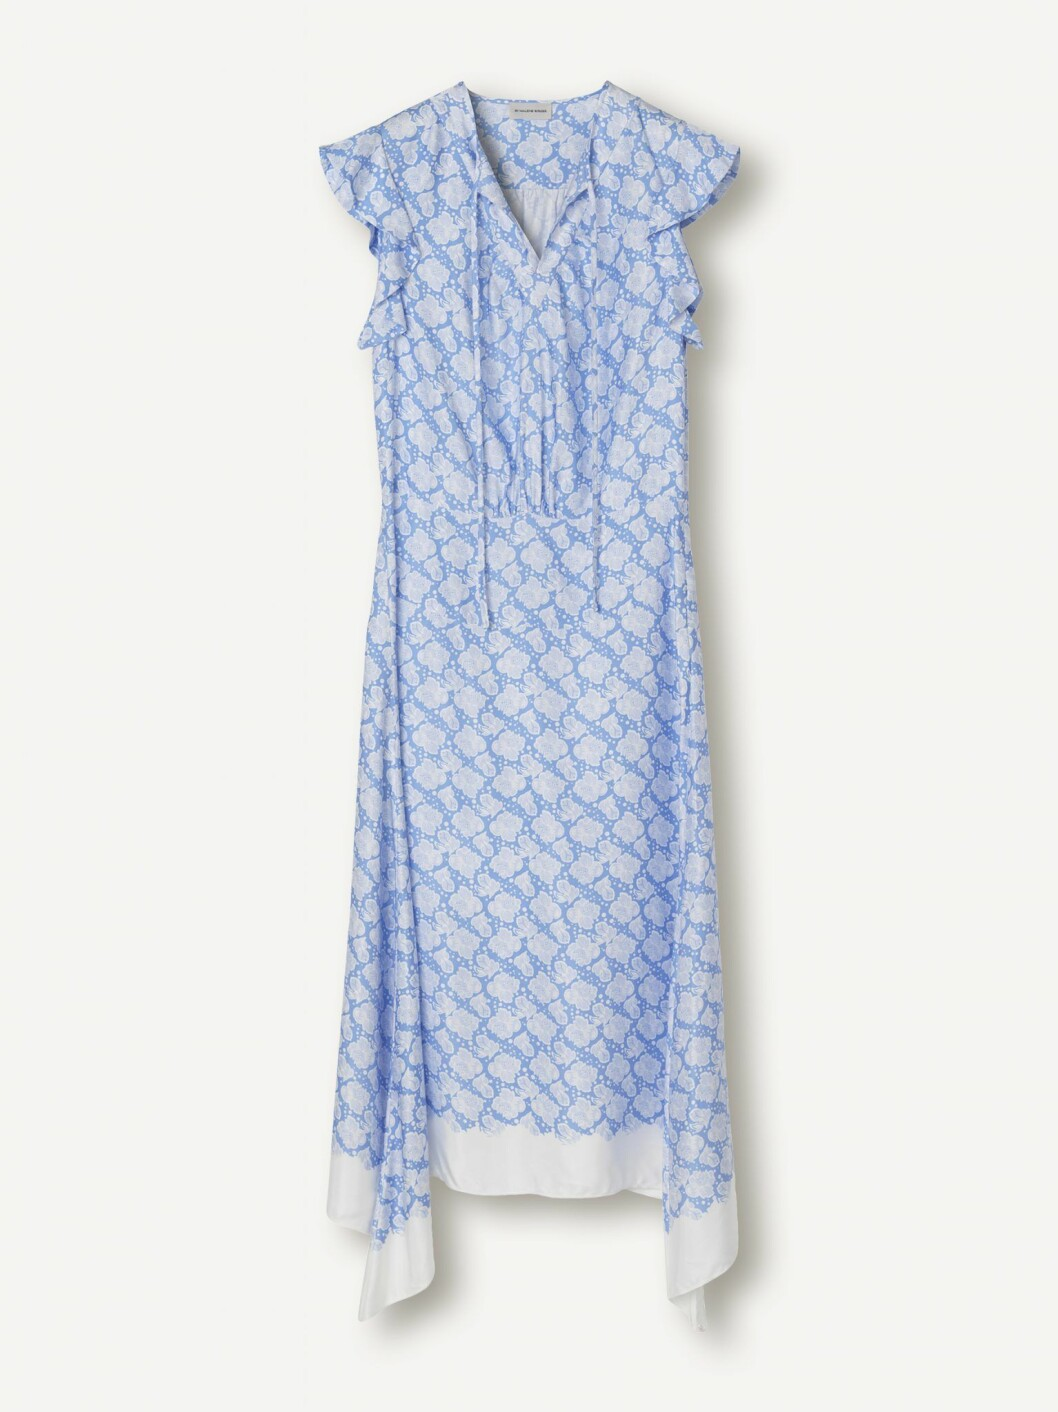 Blå klänning från By Malene Birgers kläduthyrning i Sverige